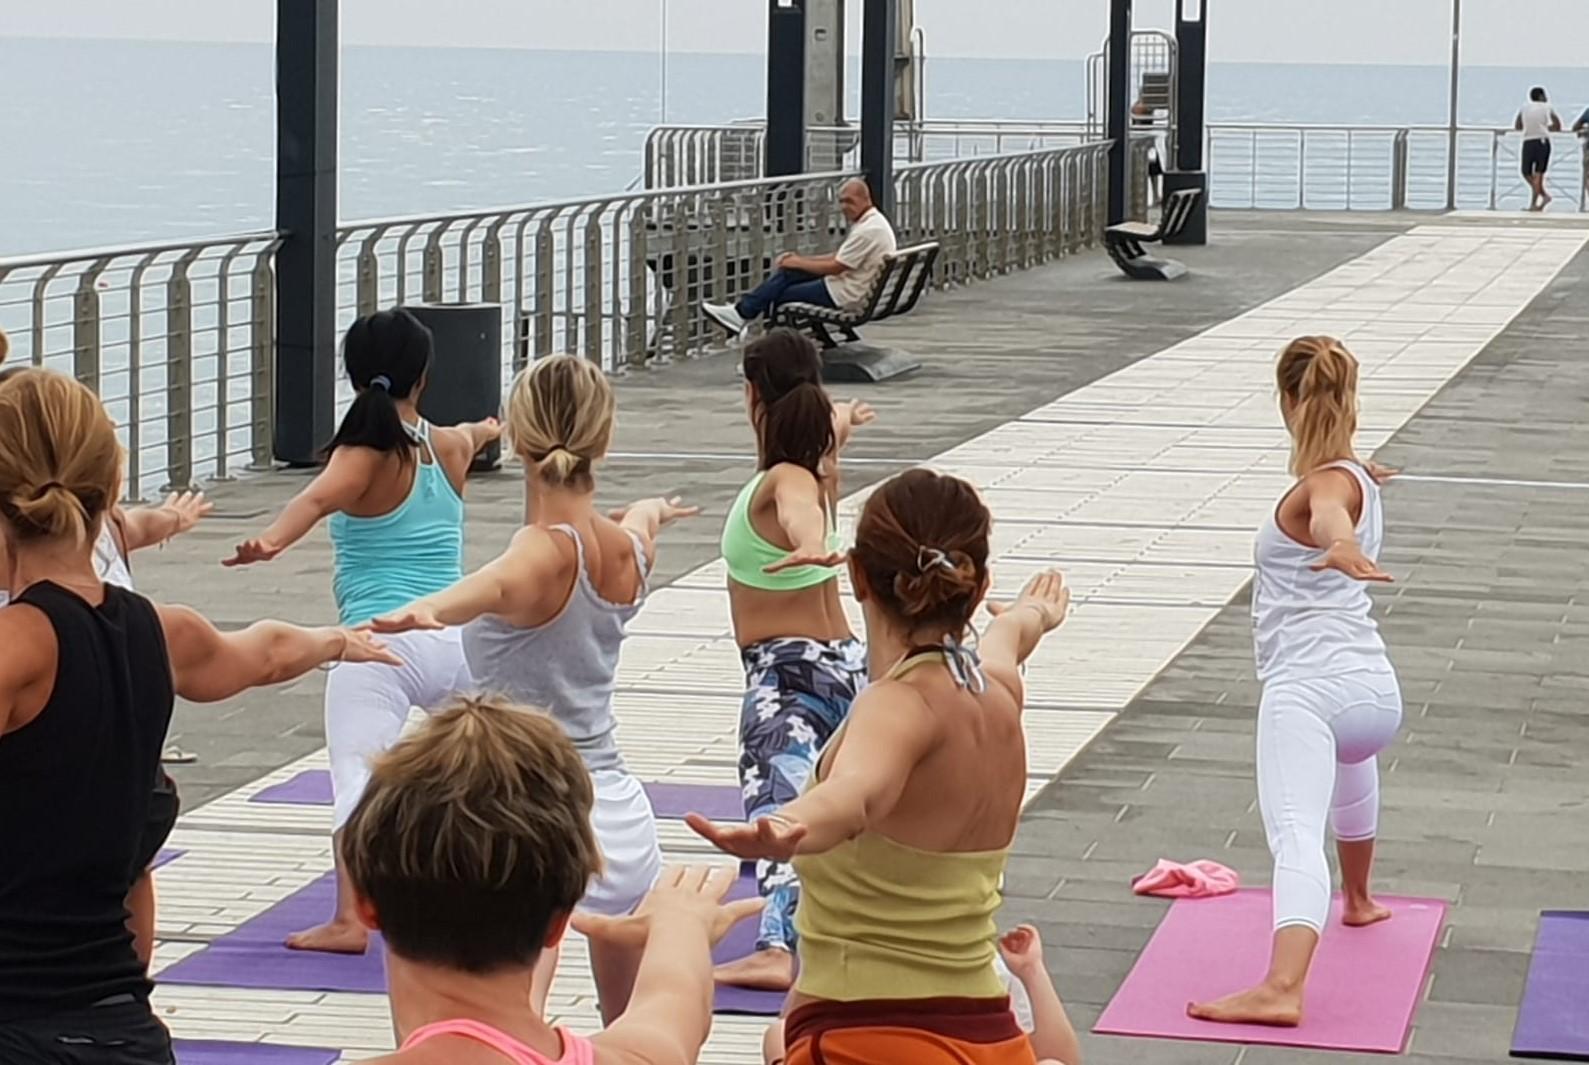 1_essere-free-yoga-gratuito-benessere-per-tutti-village-citta-alassio-estate-lucia-ragazzi-summer-town-wellness-087